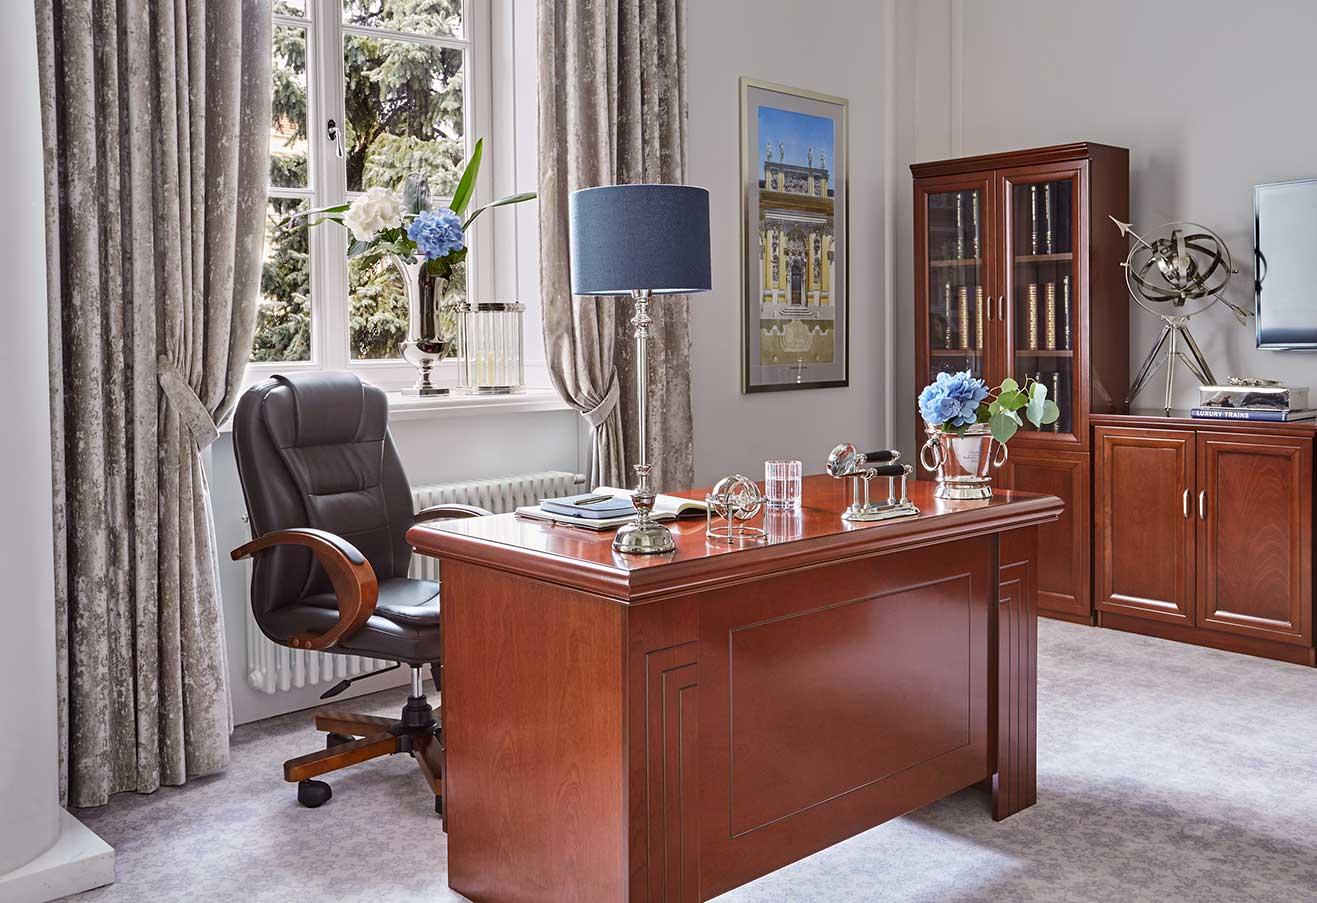 biurka_do_gabinetu